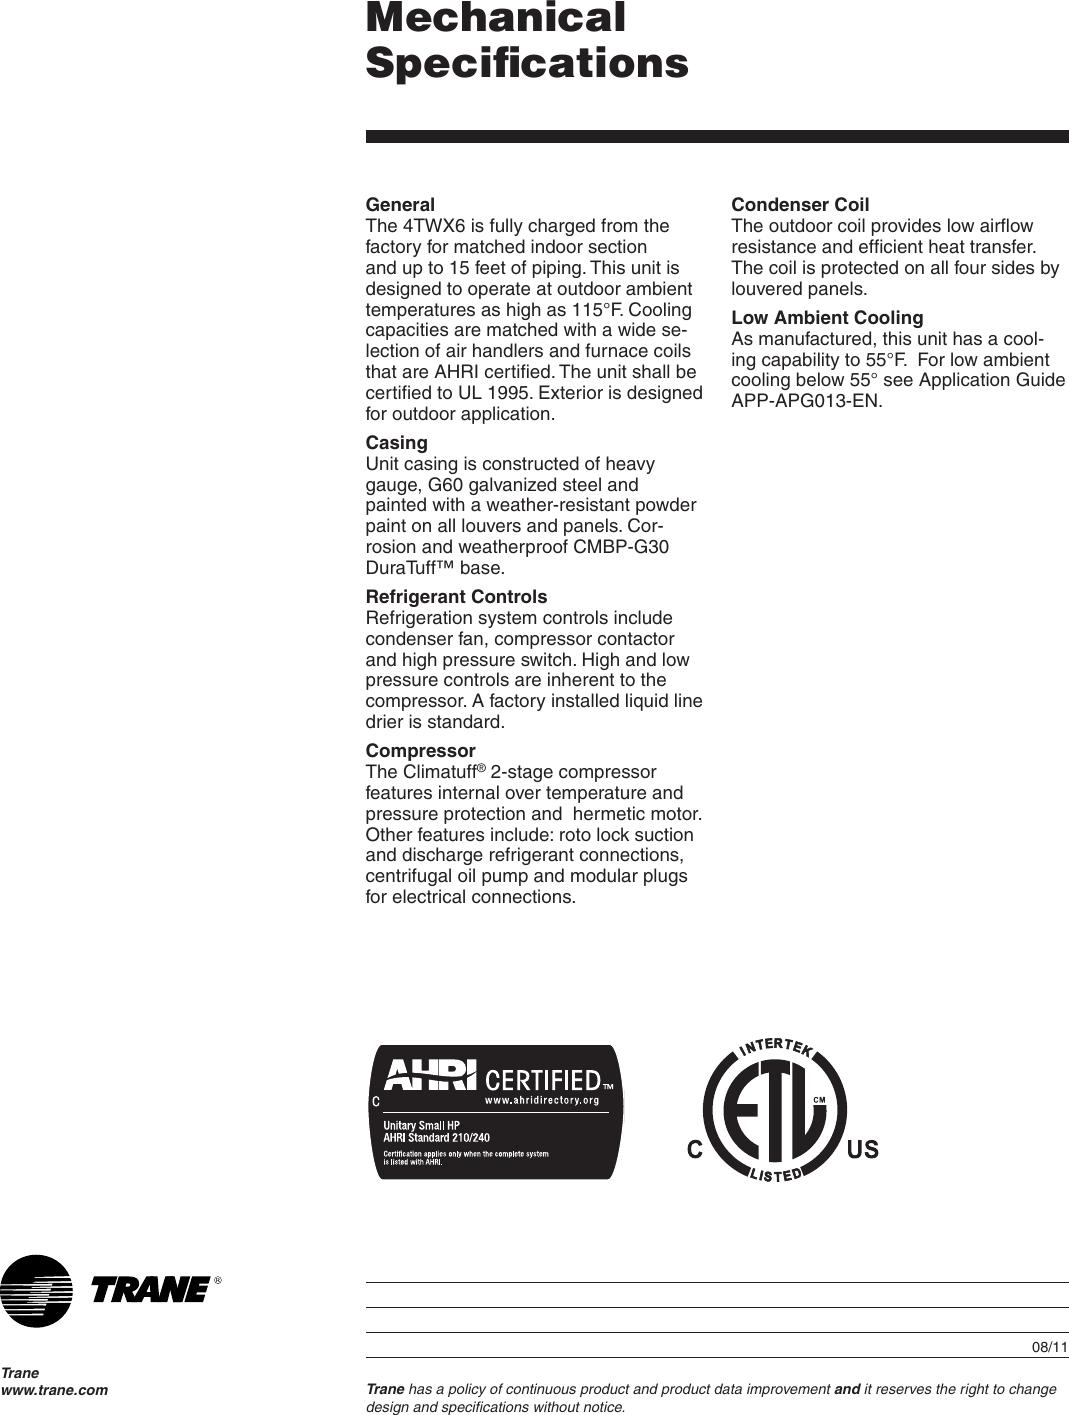 Trane 36 Users Manual 22 1754 17 08/01/2011 Split System Heat Pump ...